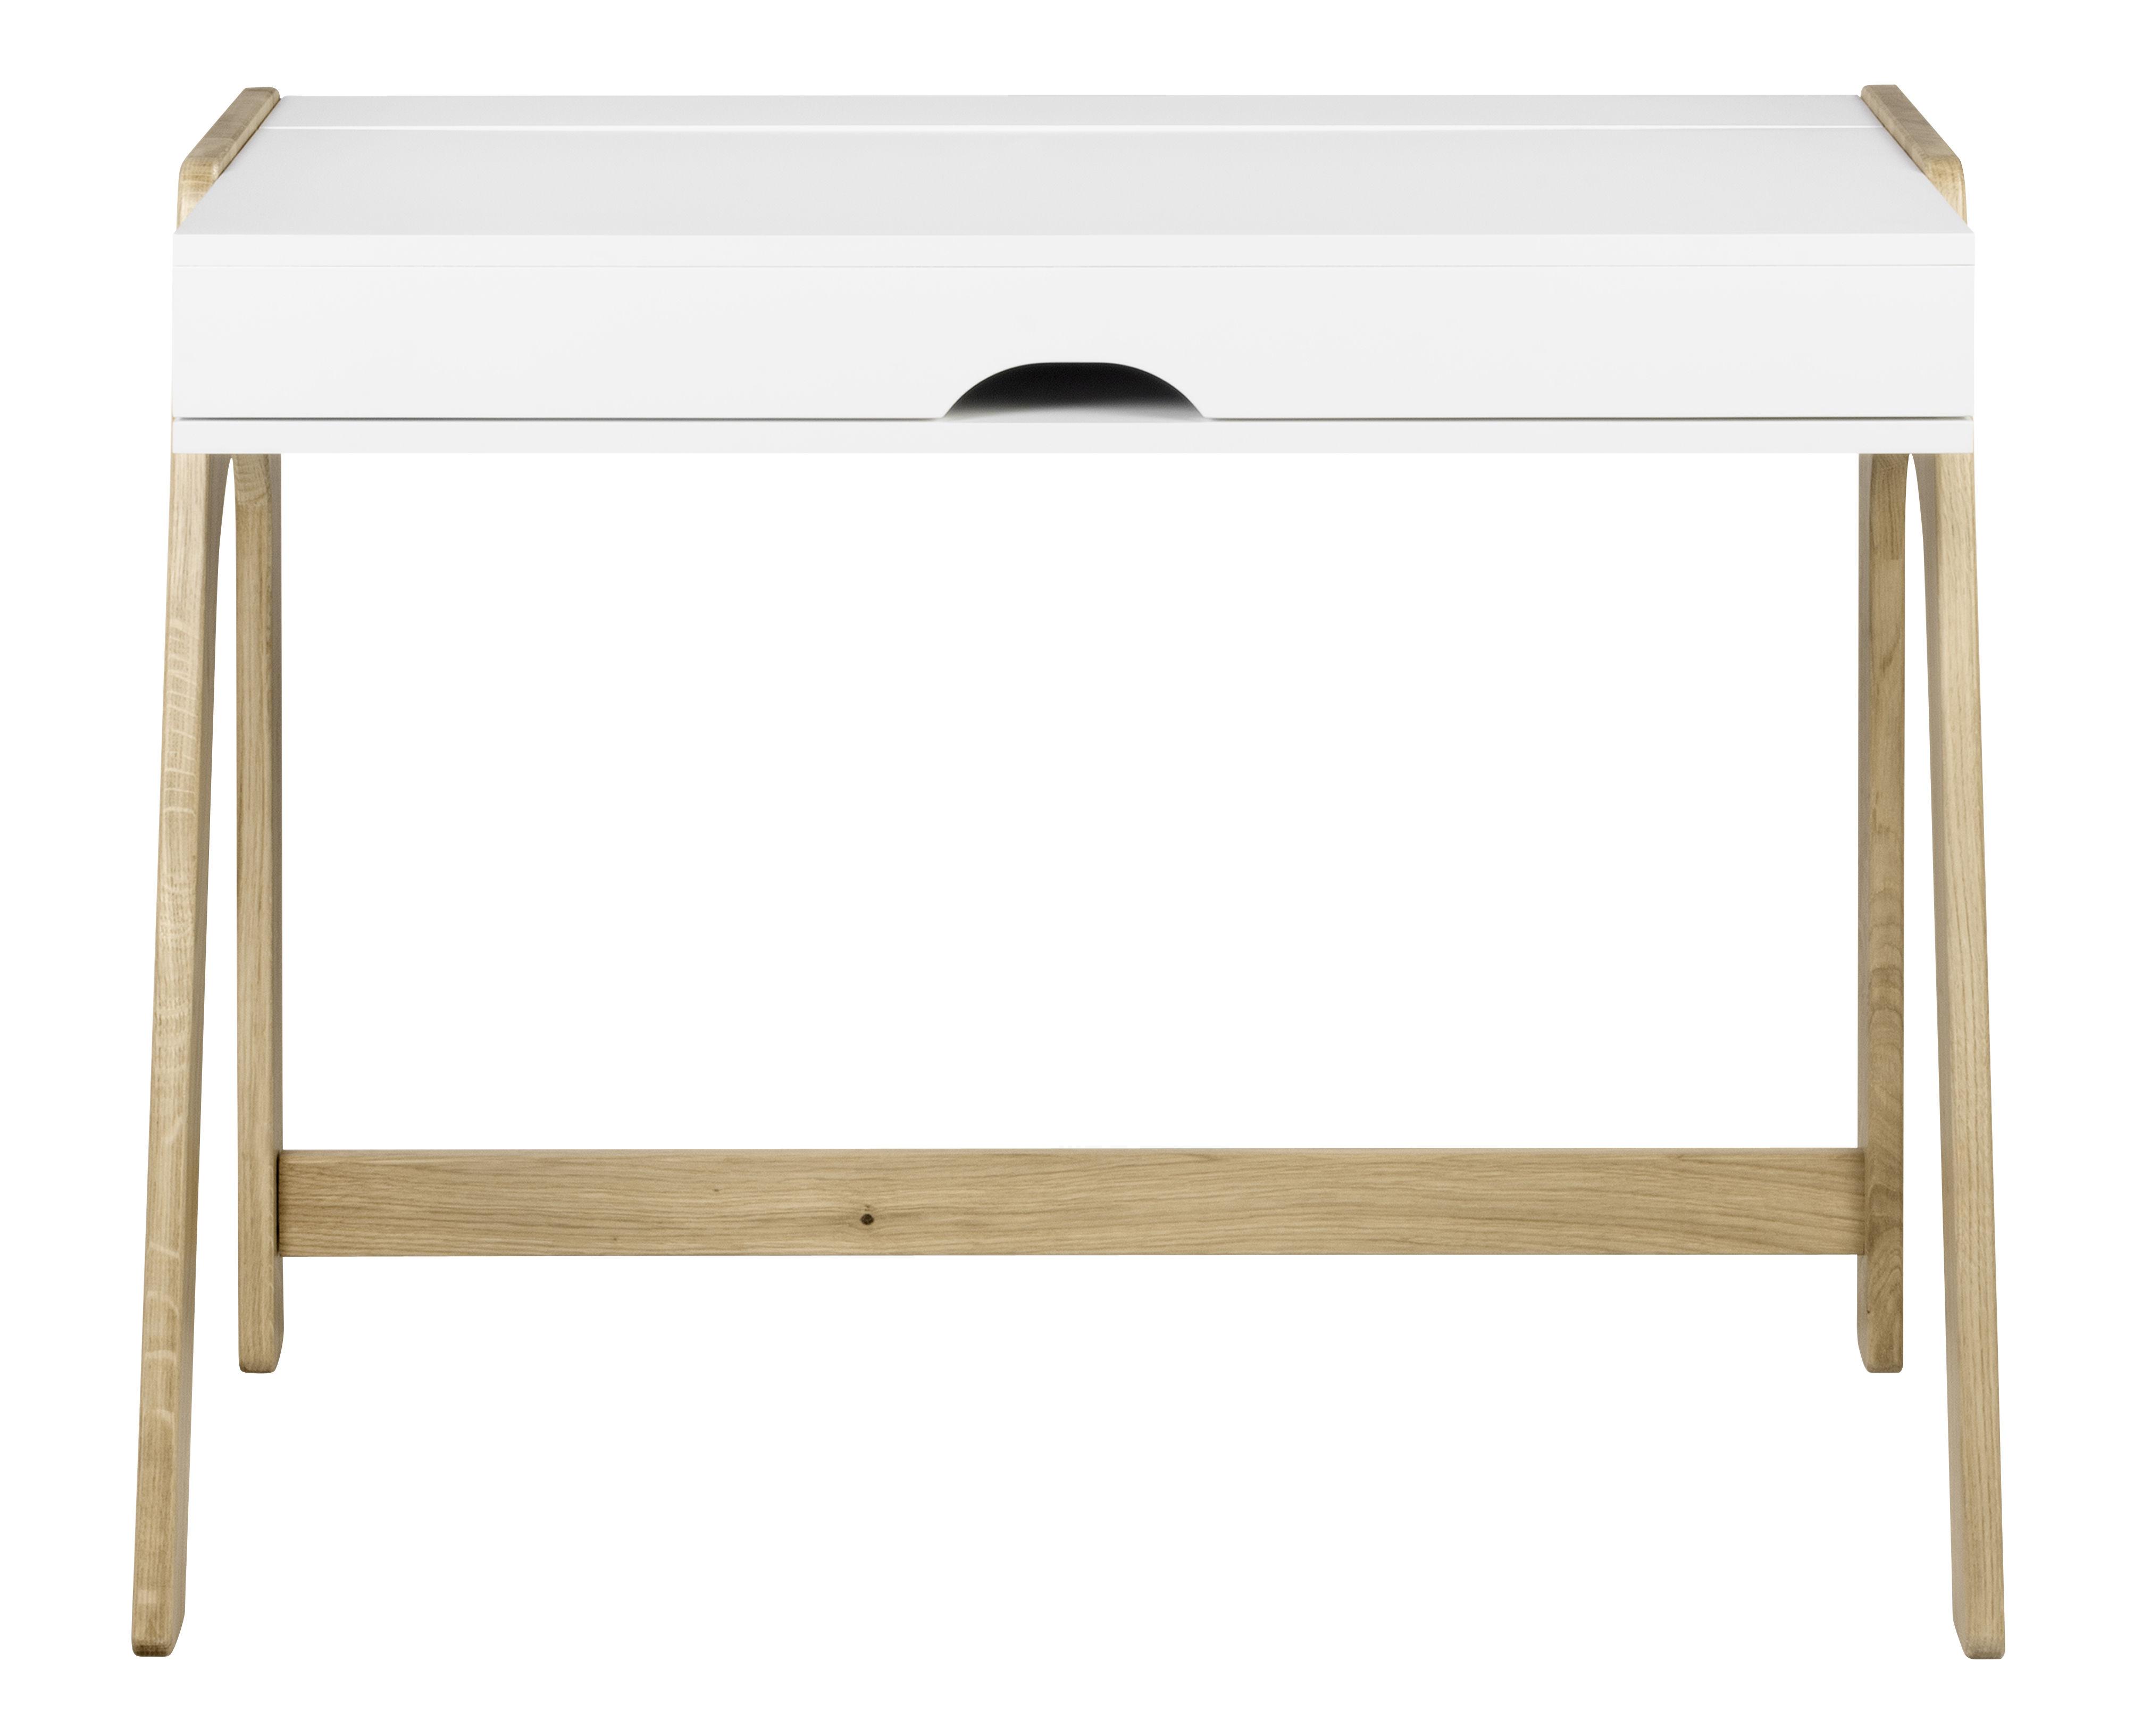 Möbel - Büromöbel - Willbe Schreibtisch / Sekretär - mit aufklappbarer Tischplatte - POP UP HOME - Weiß / Eiche - massive Eiche, Pressspan, bemalt